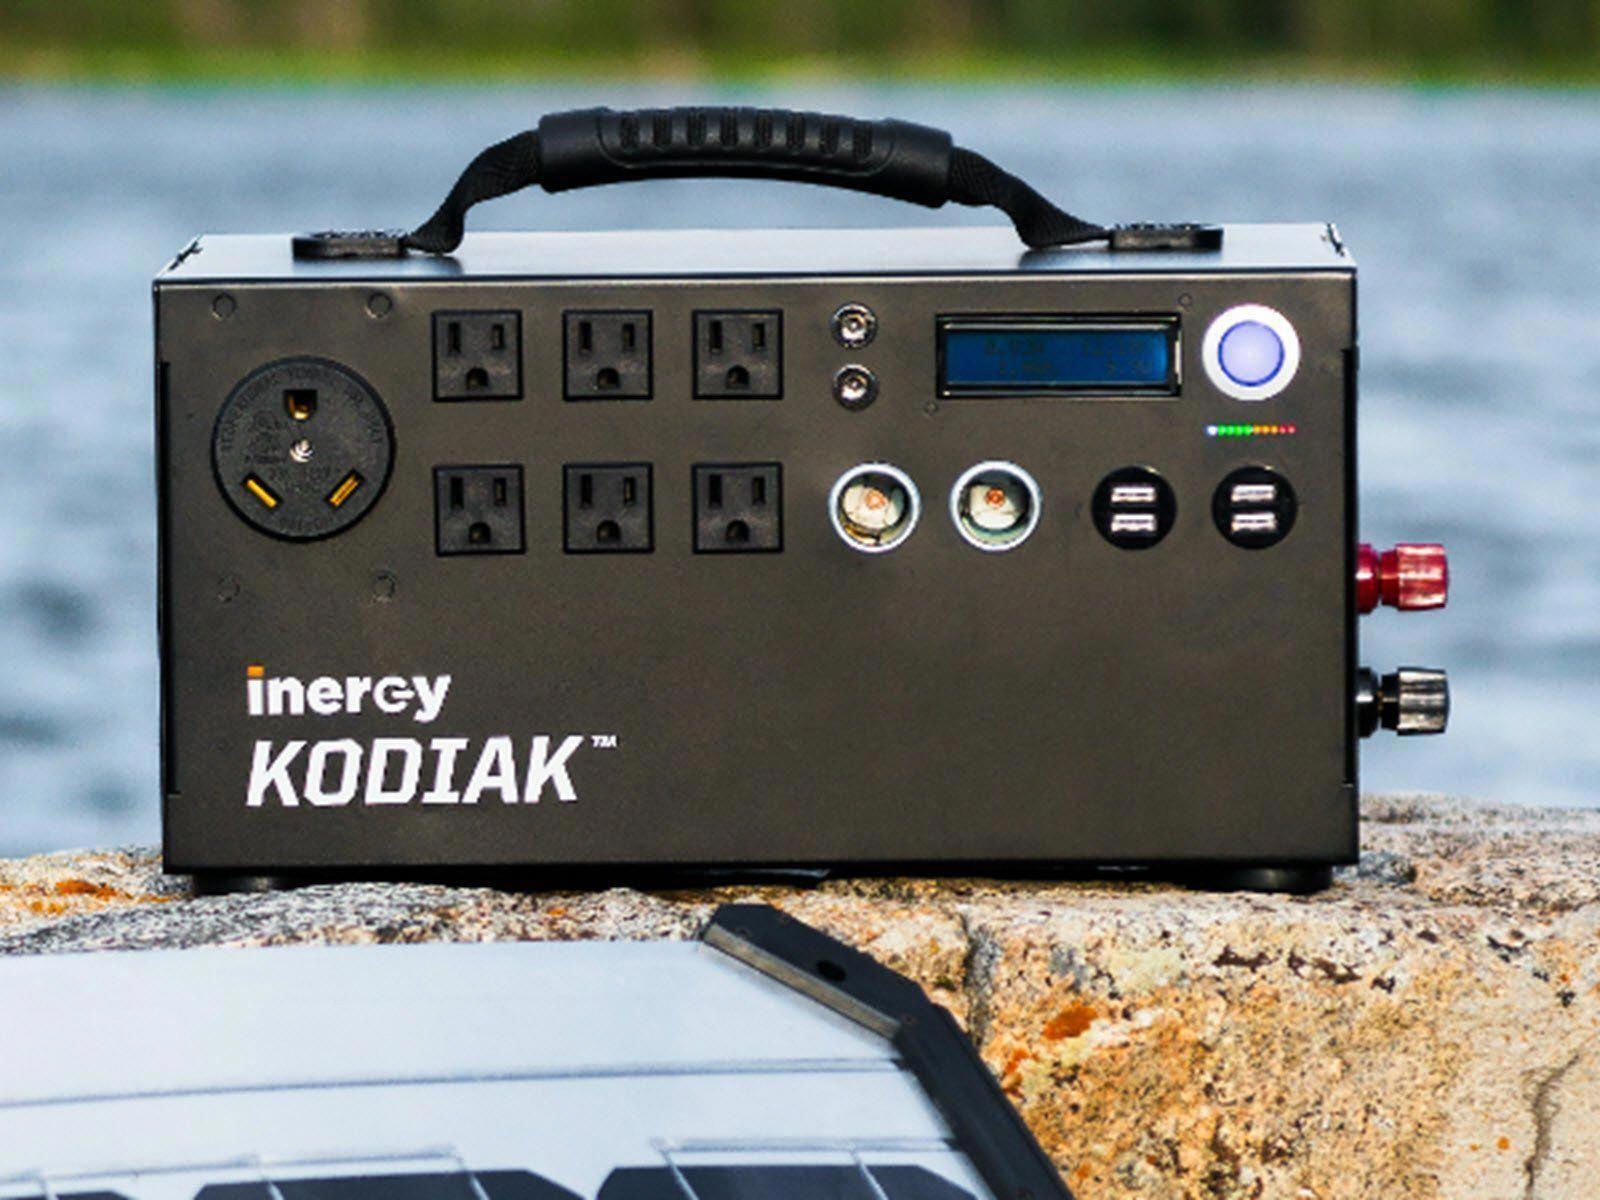 (1875) Kodiak Portable Solar Generator Inergy Solar